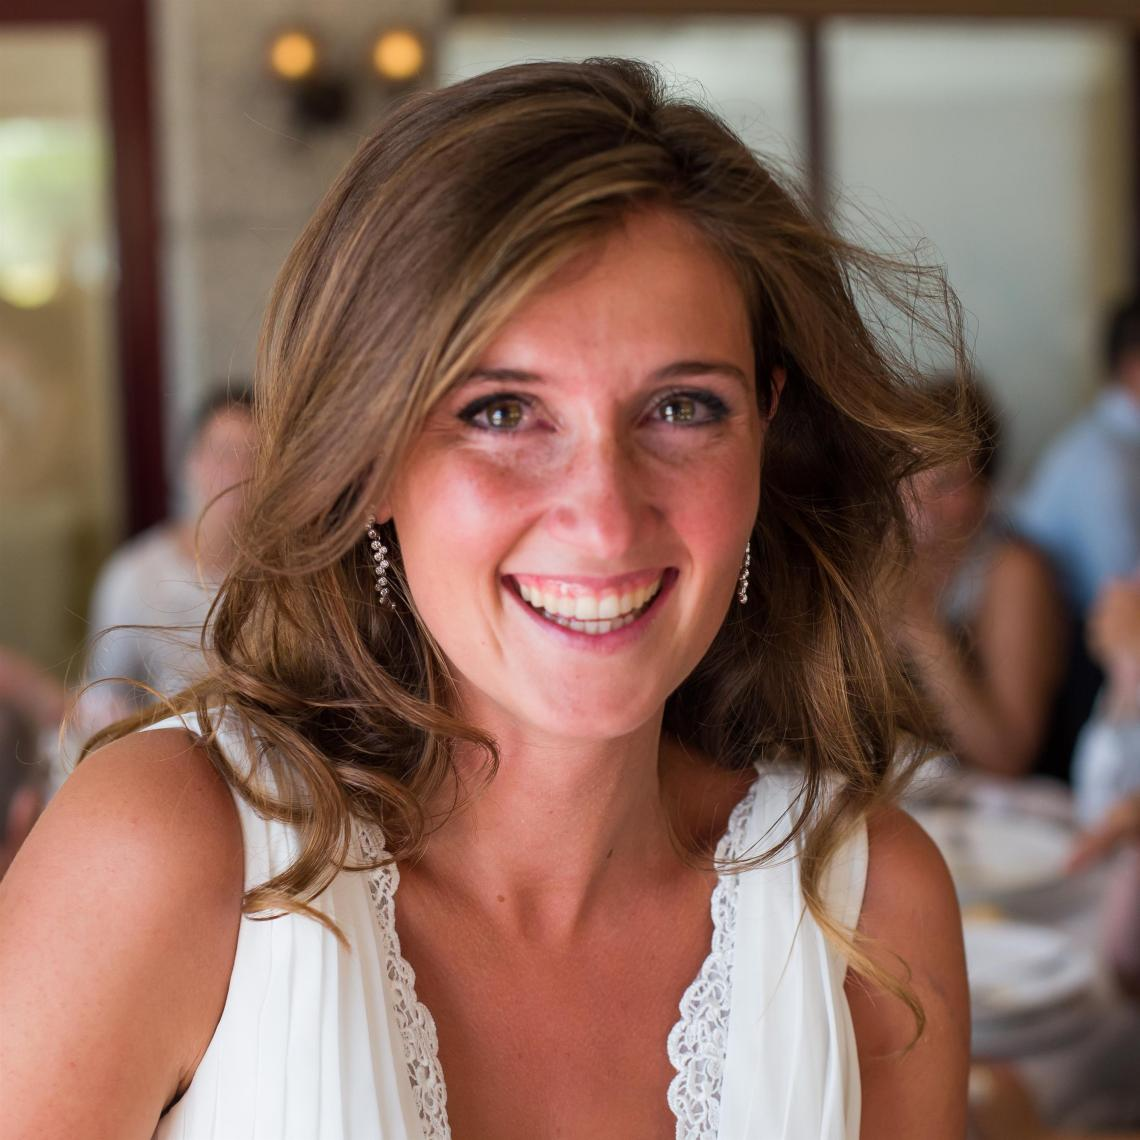 boda-espanola-sueca-ella-se-viste-de-blanco (31)